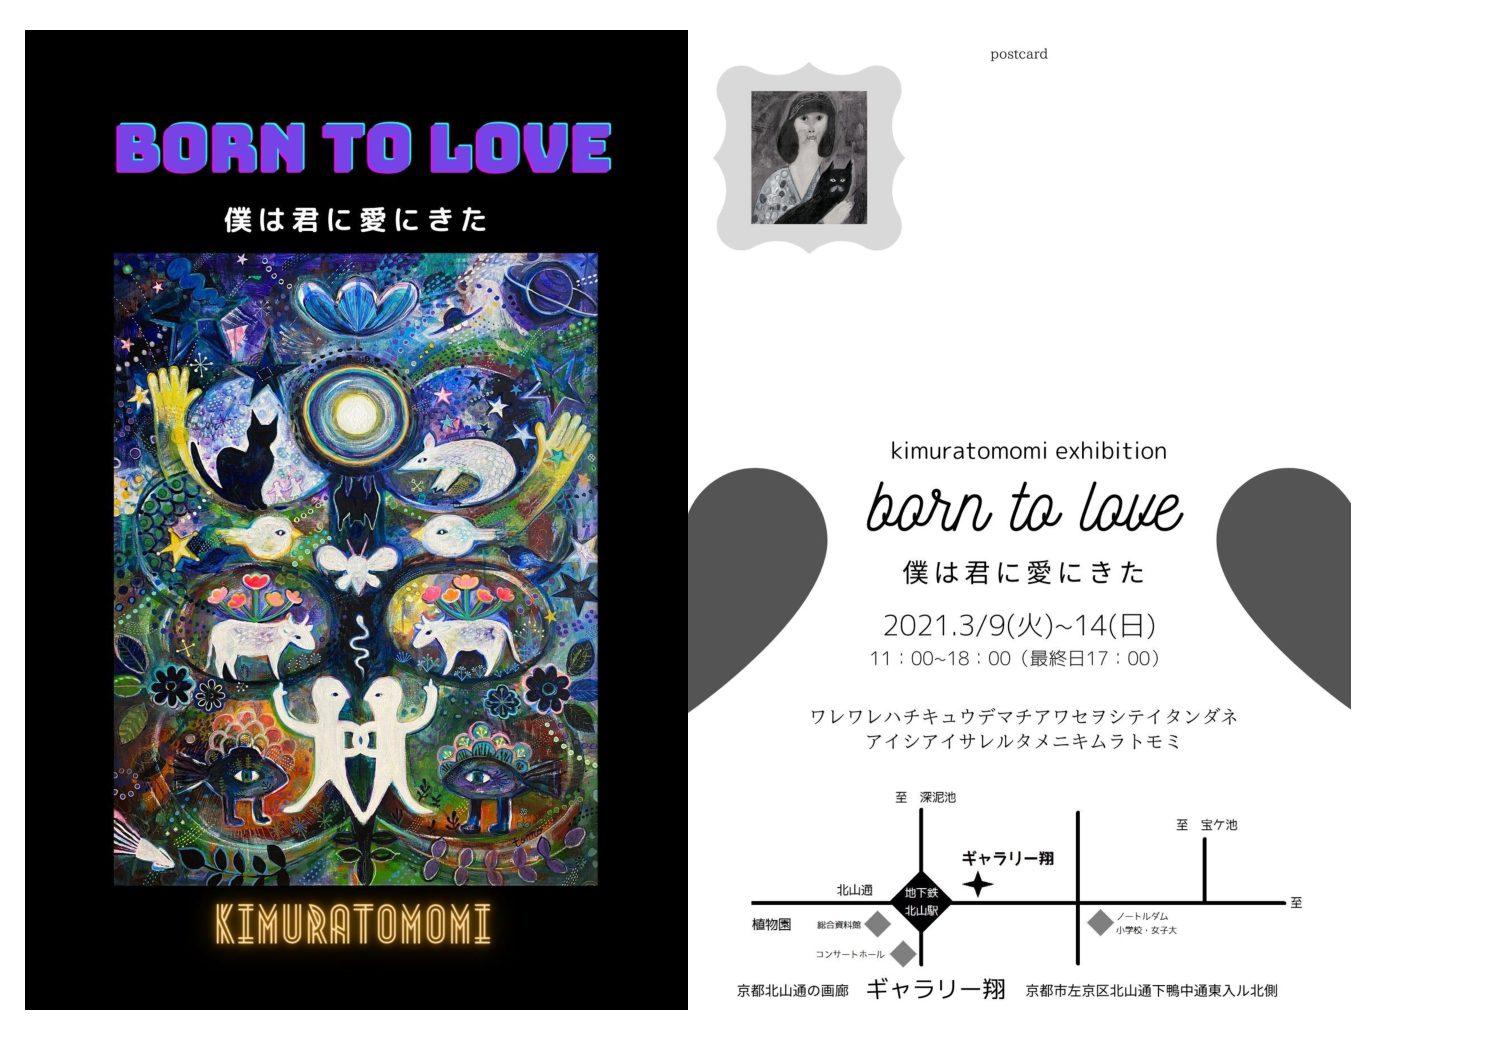 キムラトモミ個展「僕は君に愛にきた」